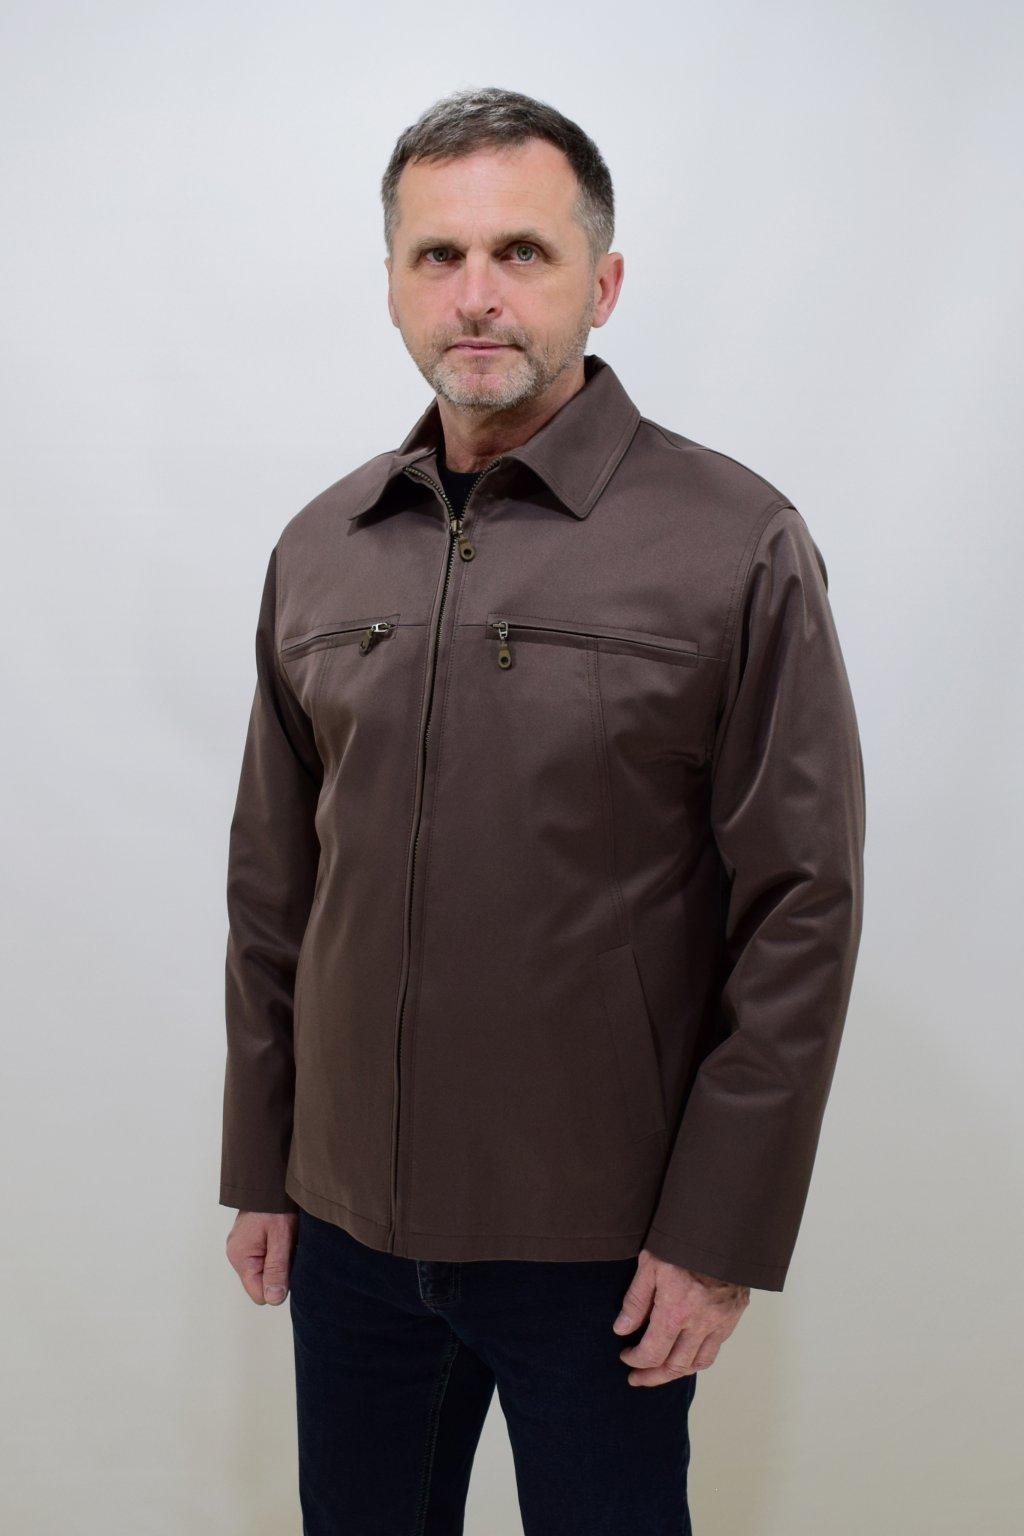 Pánská ořížková jarní bunda Jan nadměrné velikosti.